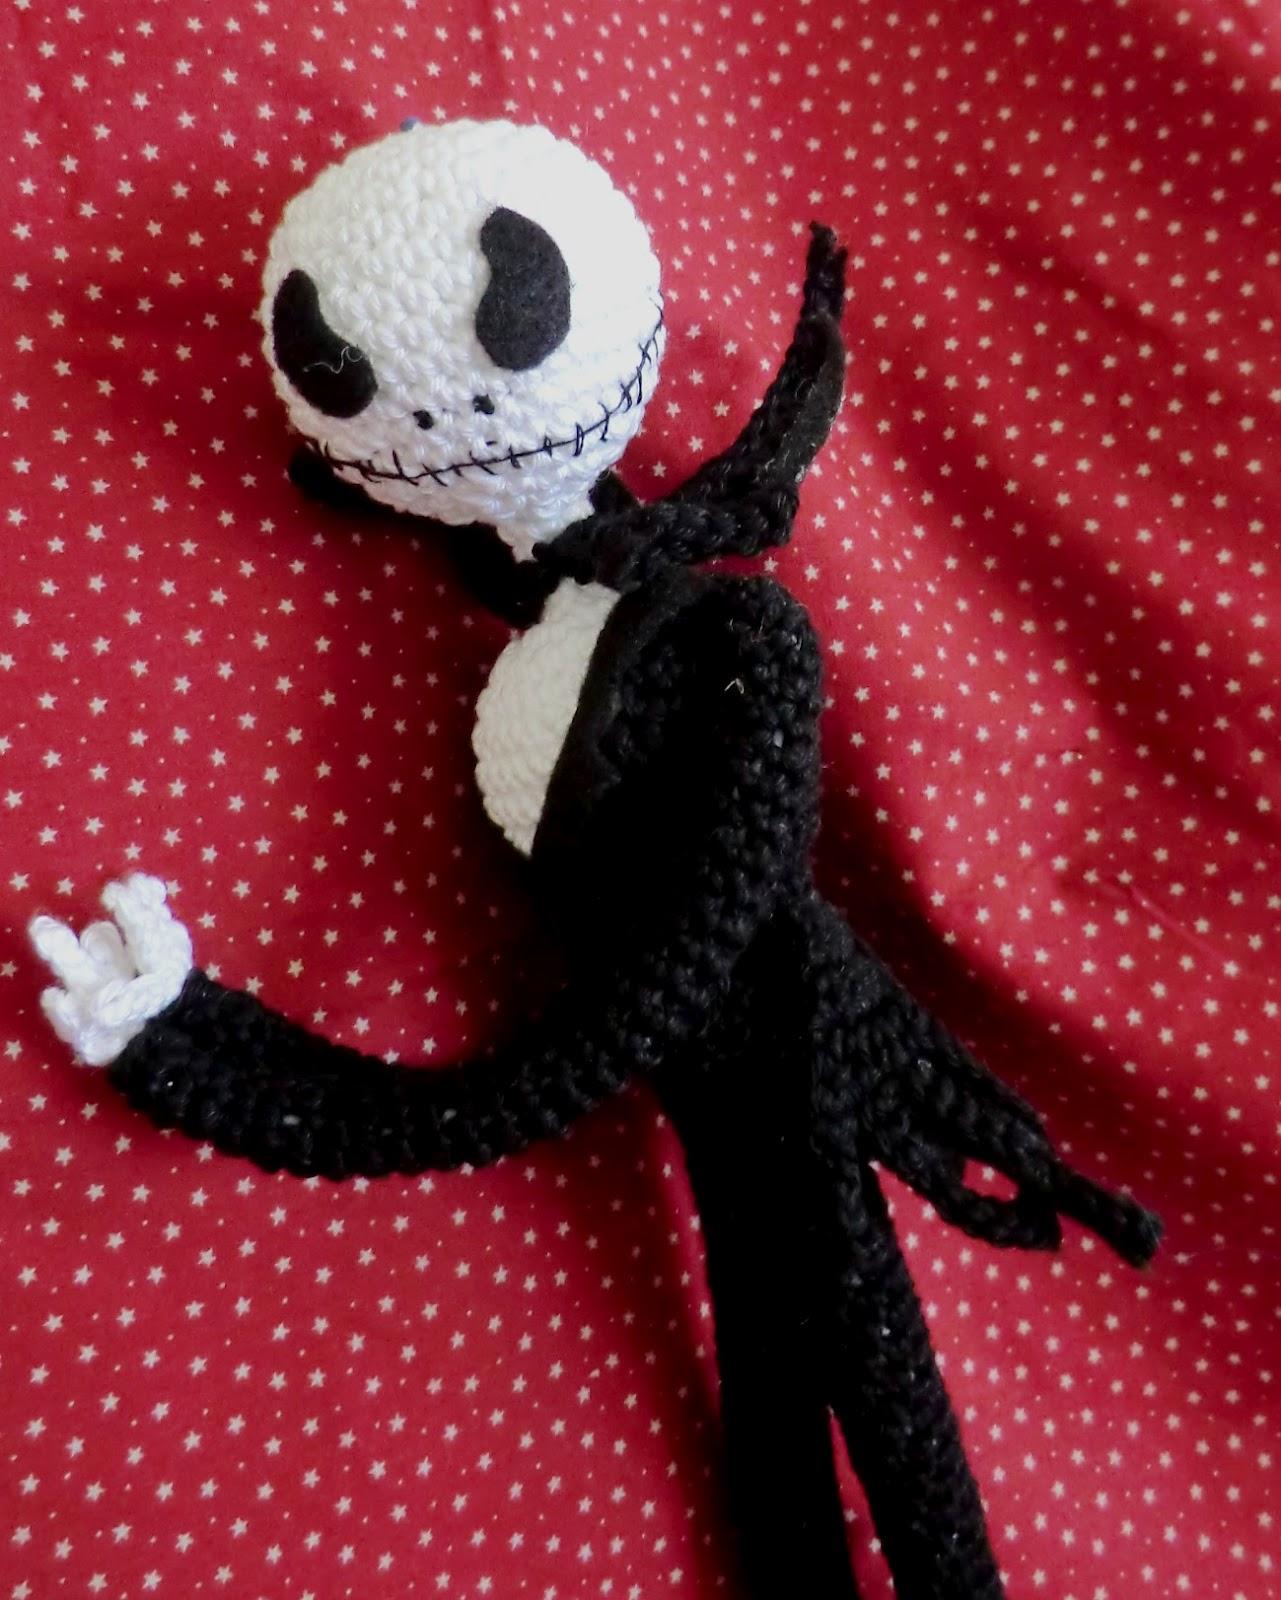 Amigurumi Barmy: This is Halloween